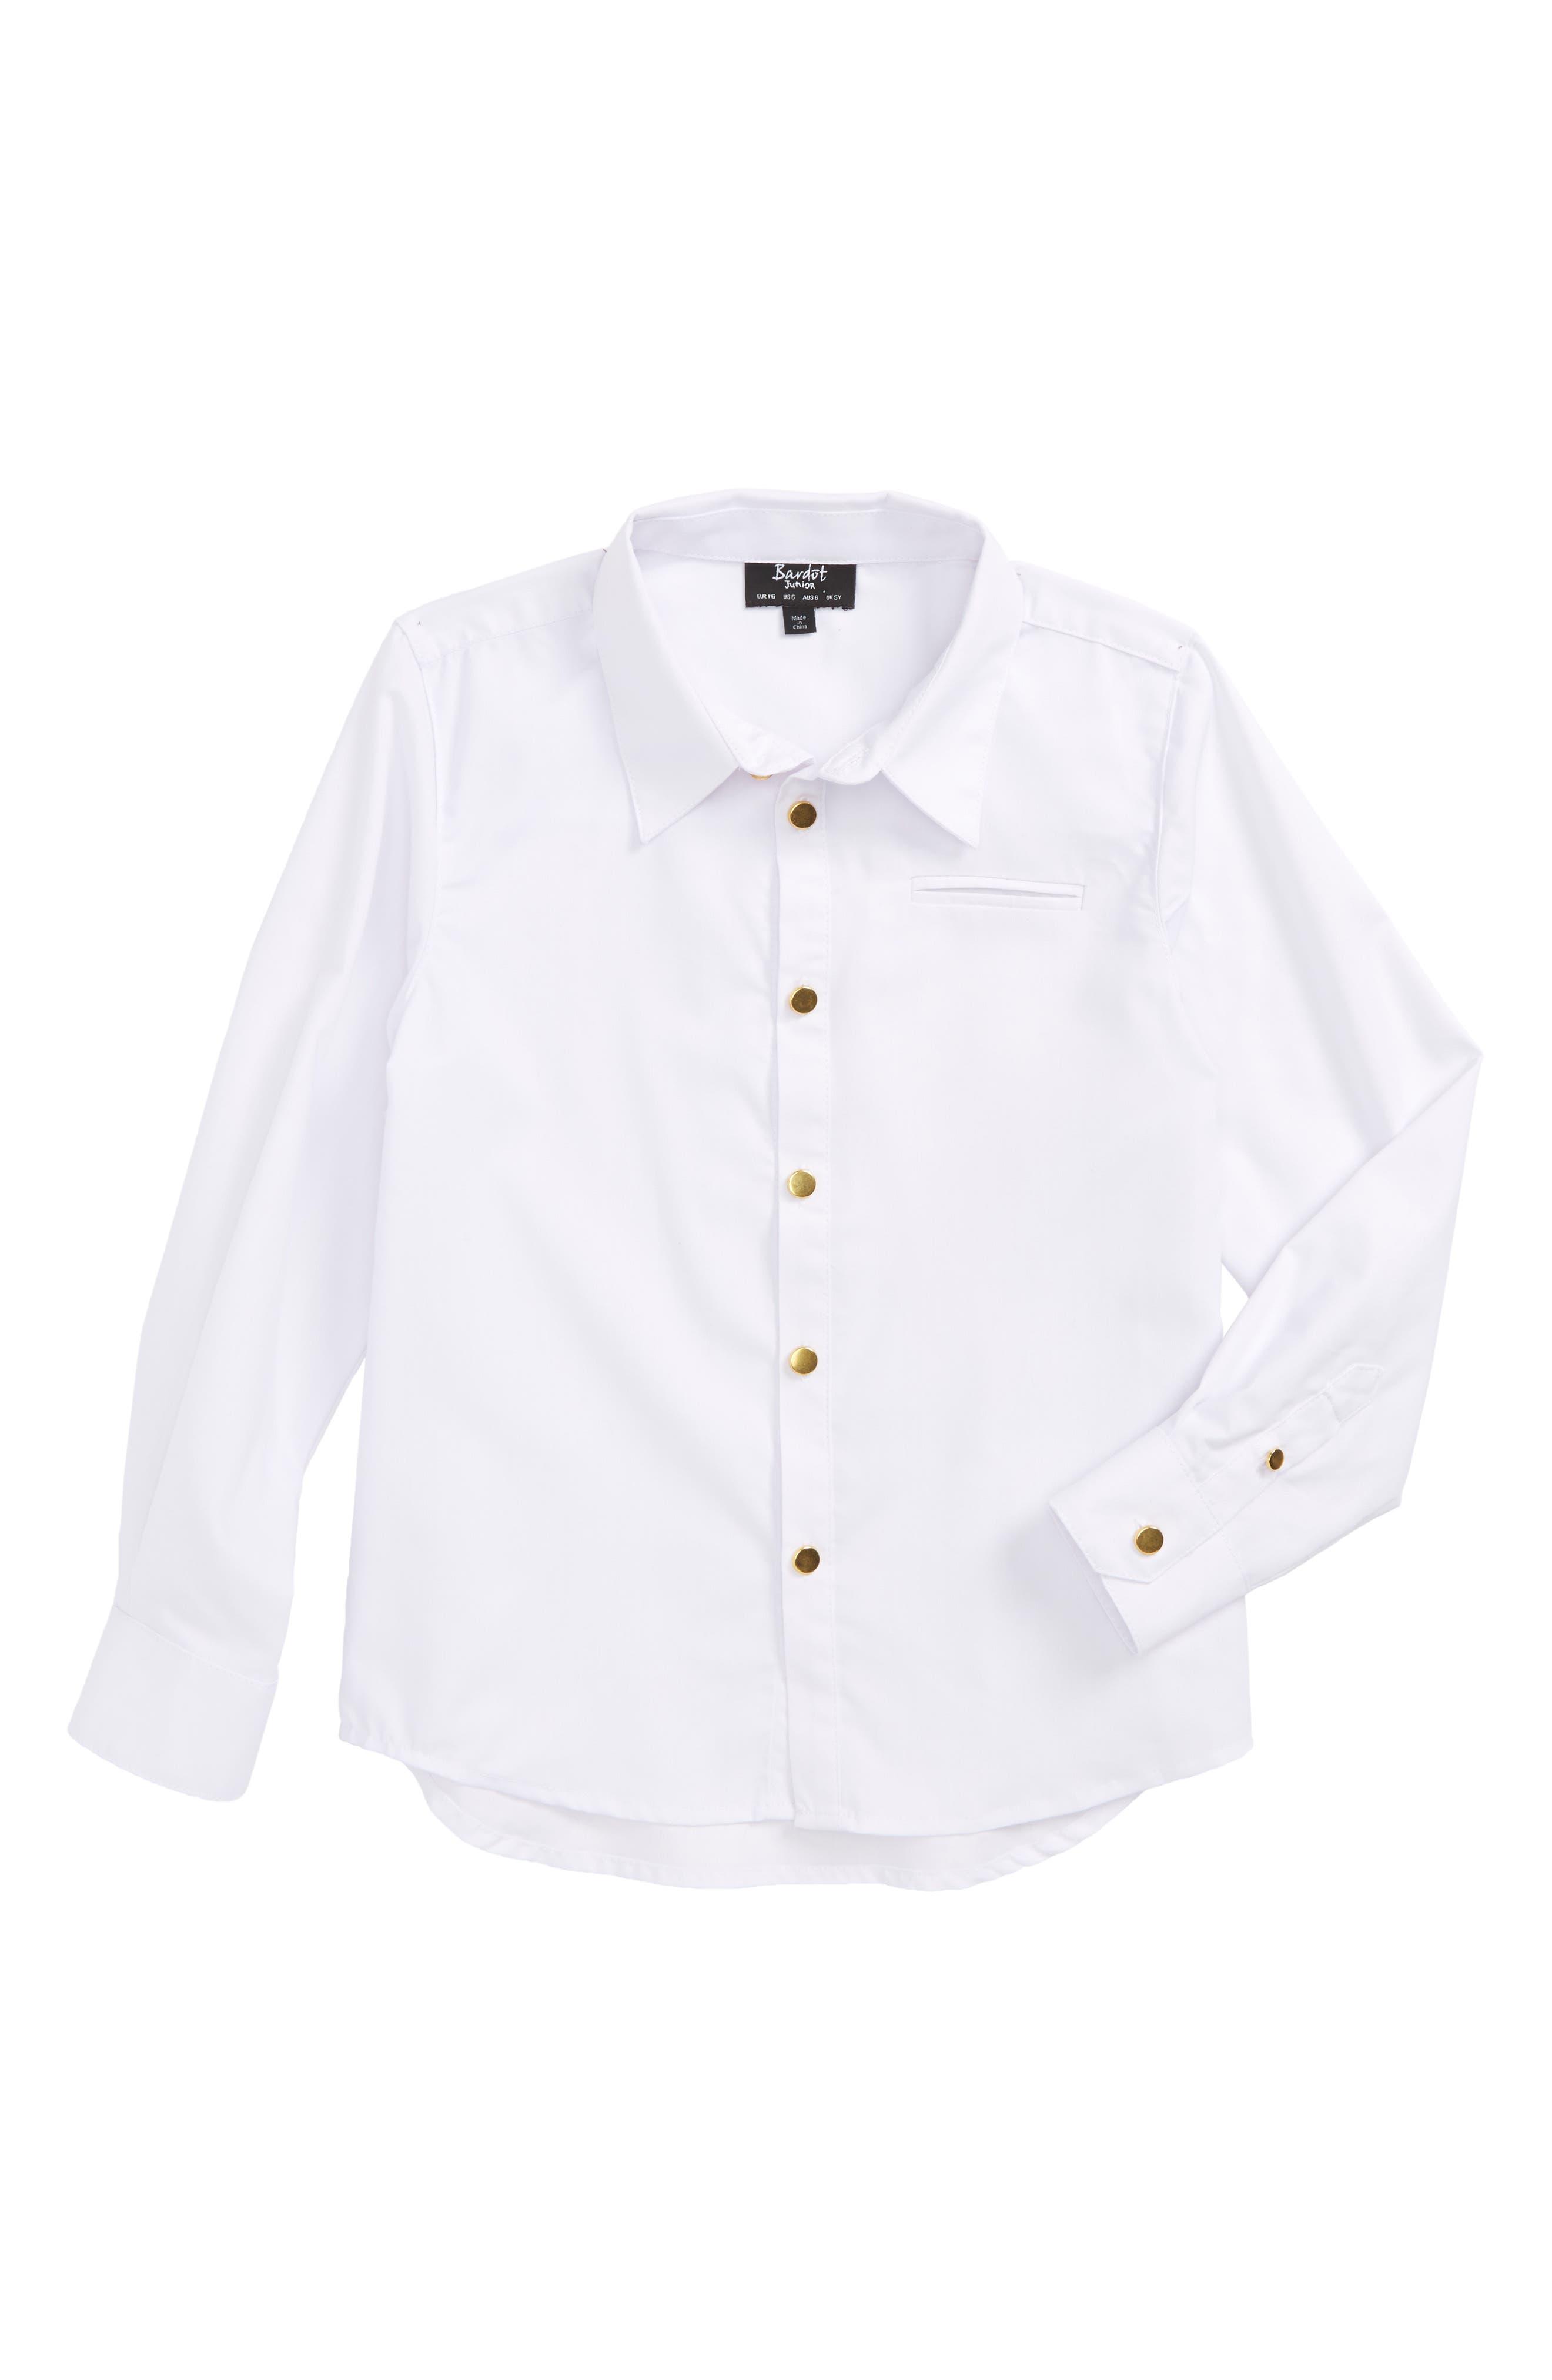 BARDOT JUNIOR Goldtone Button Shirt, Main, color, 100